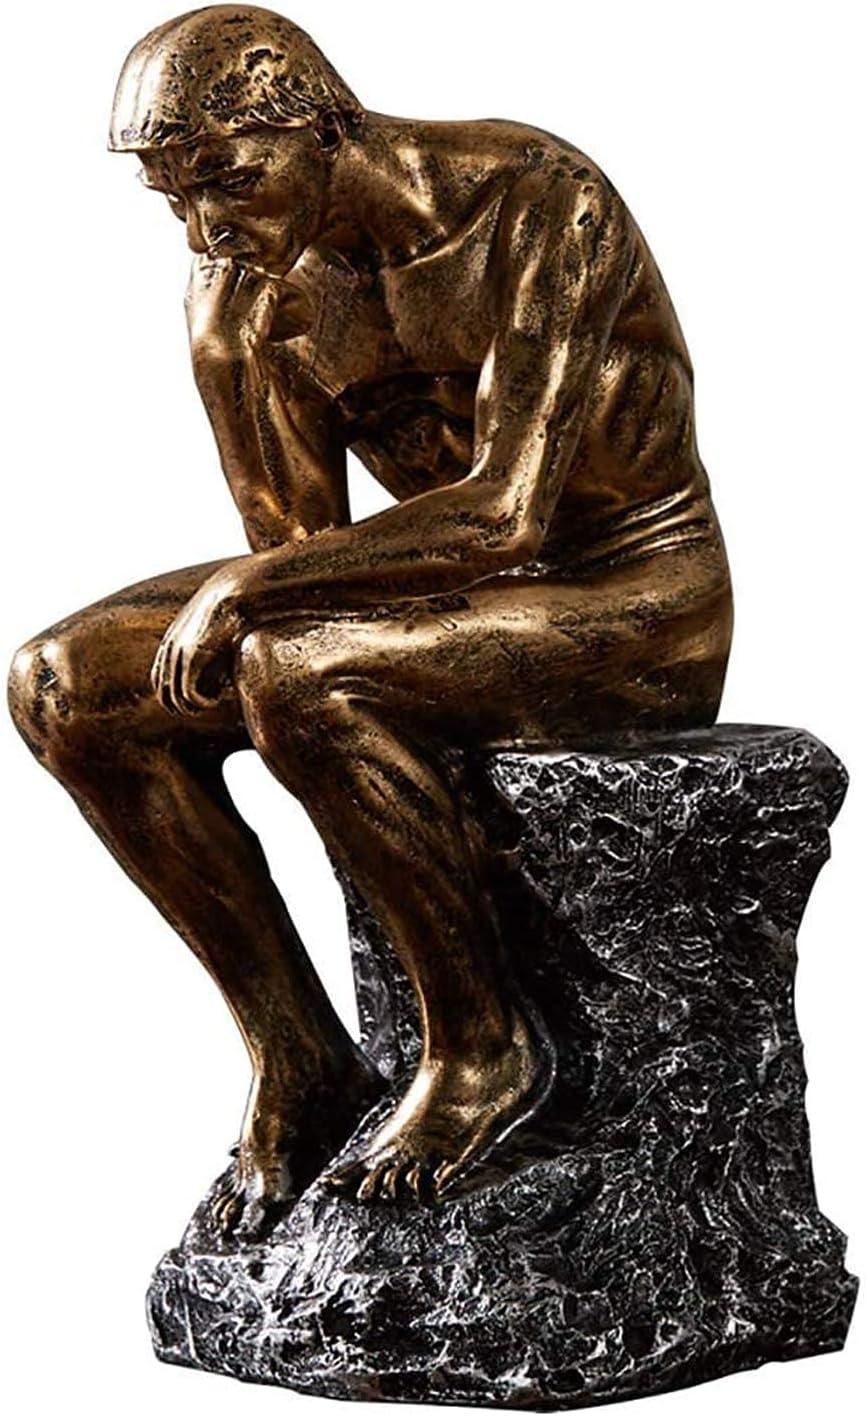 LXHJZ Adornos para Sala Estar, Figuras pensadores Profunda contemplación - Escultura Auguste Rodin en Estatua Bronce, Escultura Abstracta Resina, Escultura Arte Decoraciones para Oficina